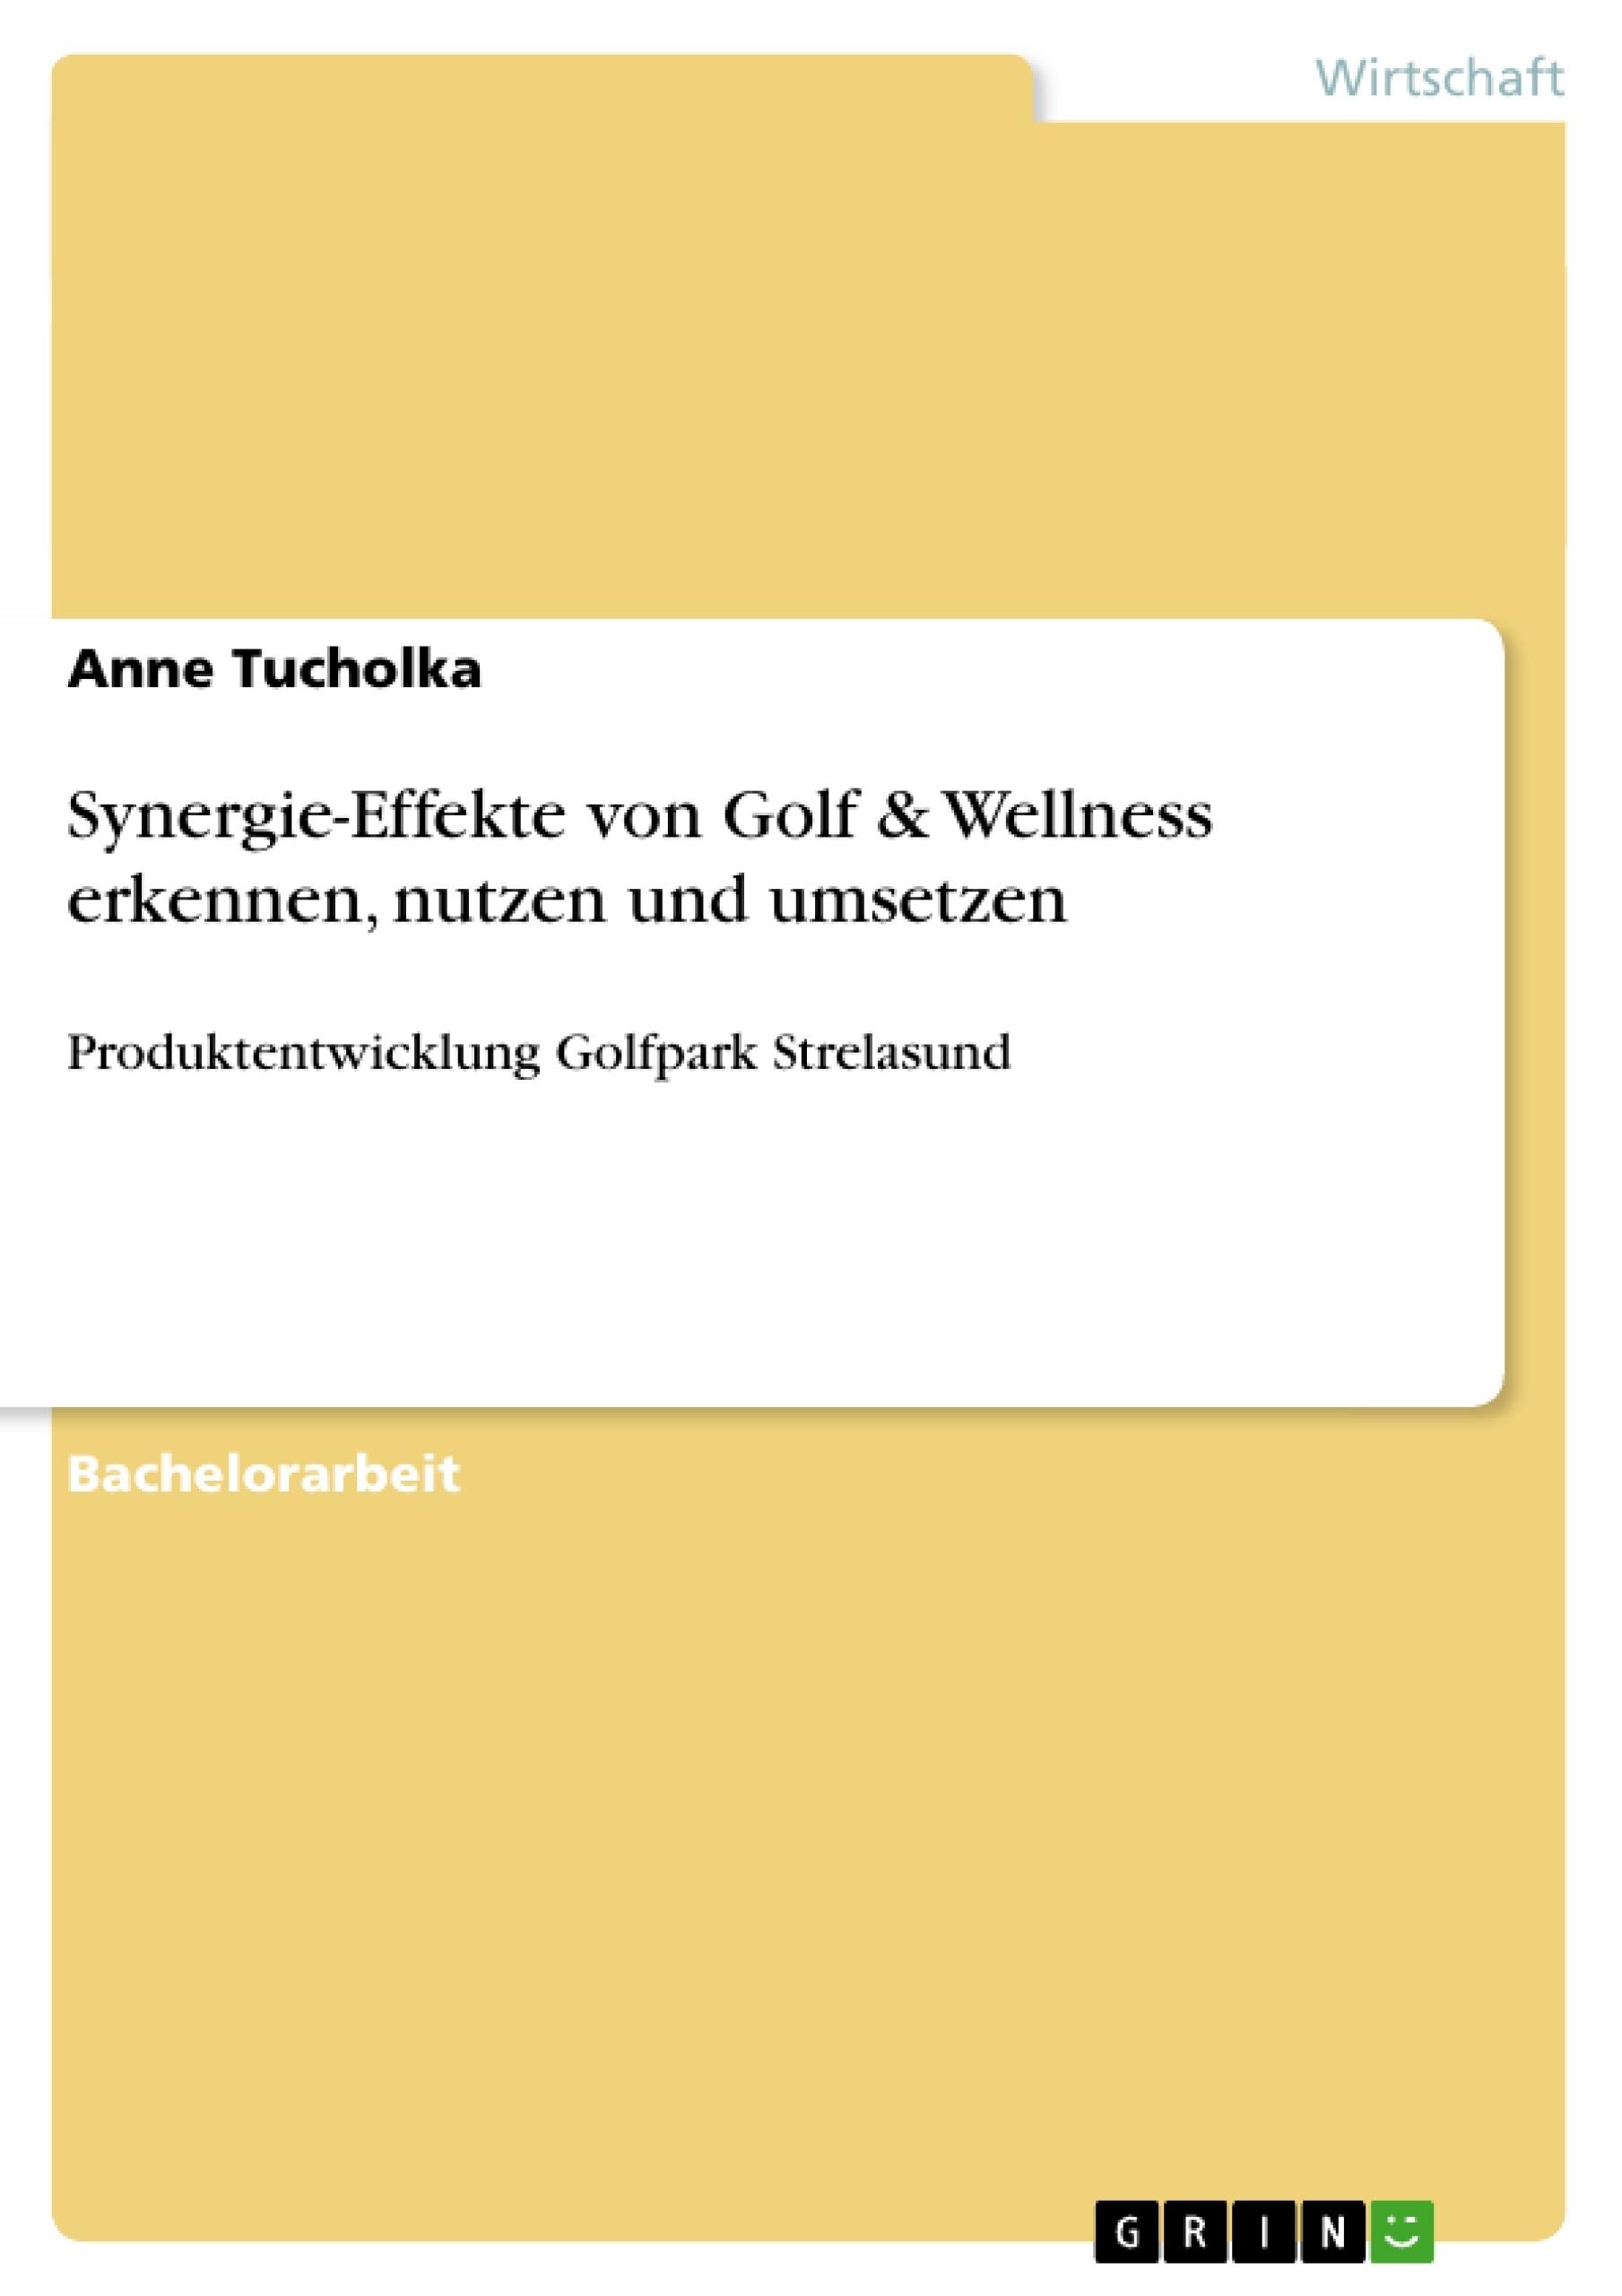 Titel: Synergie-Effekte von Golf & Wellness erkennen, nutzen und umsetzen